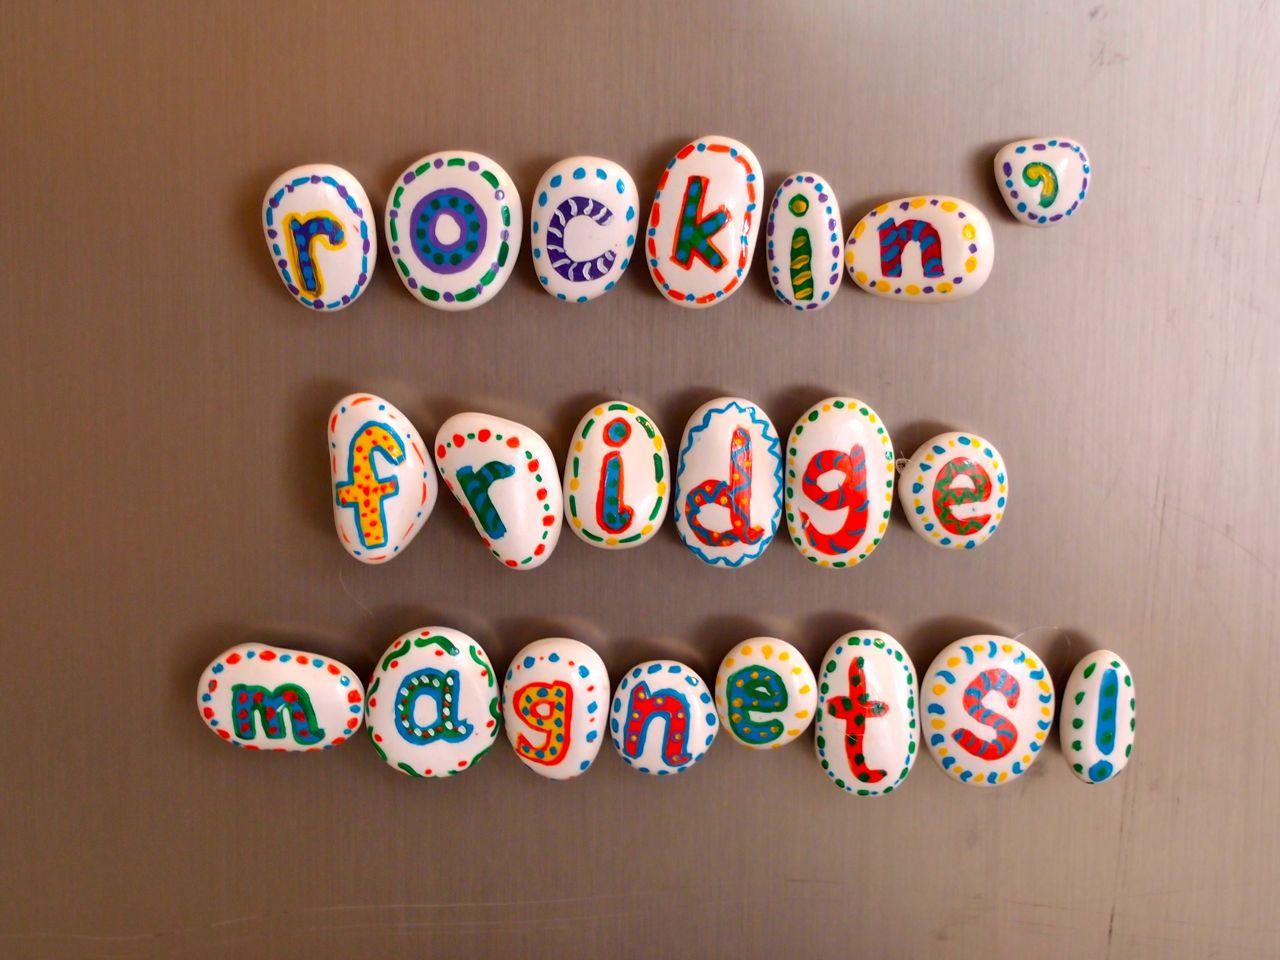 Магниты на холодильник сделанные своими руками